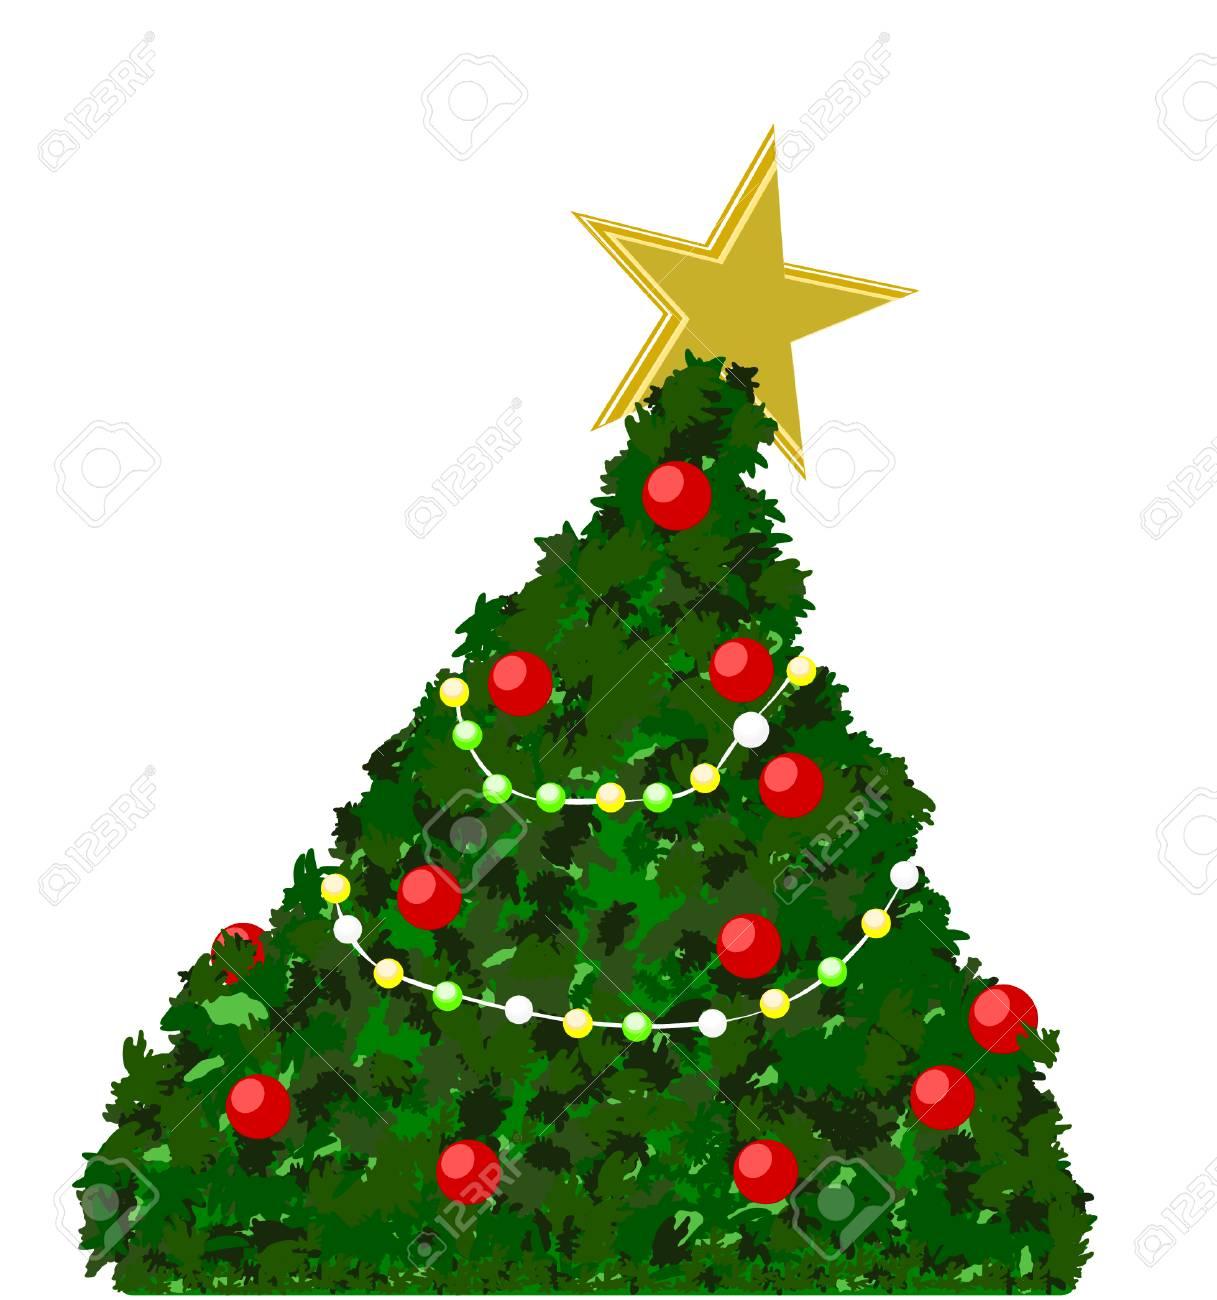 9ca6b5de79d Feliz árbol De Navidad Decorado Con Luces De Bulbo Color Estrella Dorada Y  Aislado En El Espacio De Fondo Blanco Para Sus Textos Y Objetos Y  Decoración ...